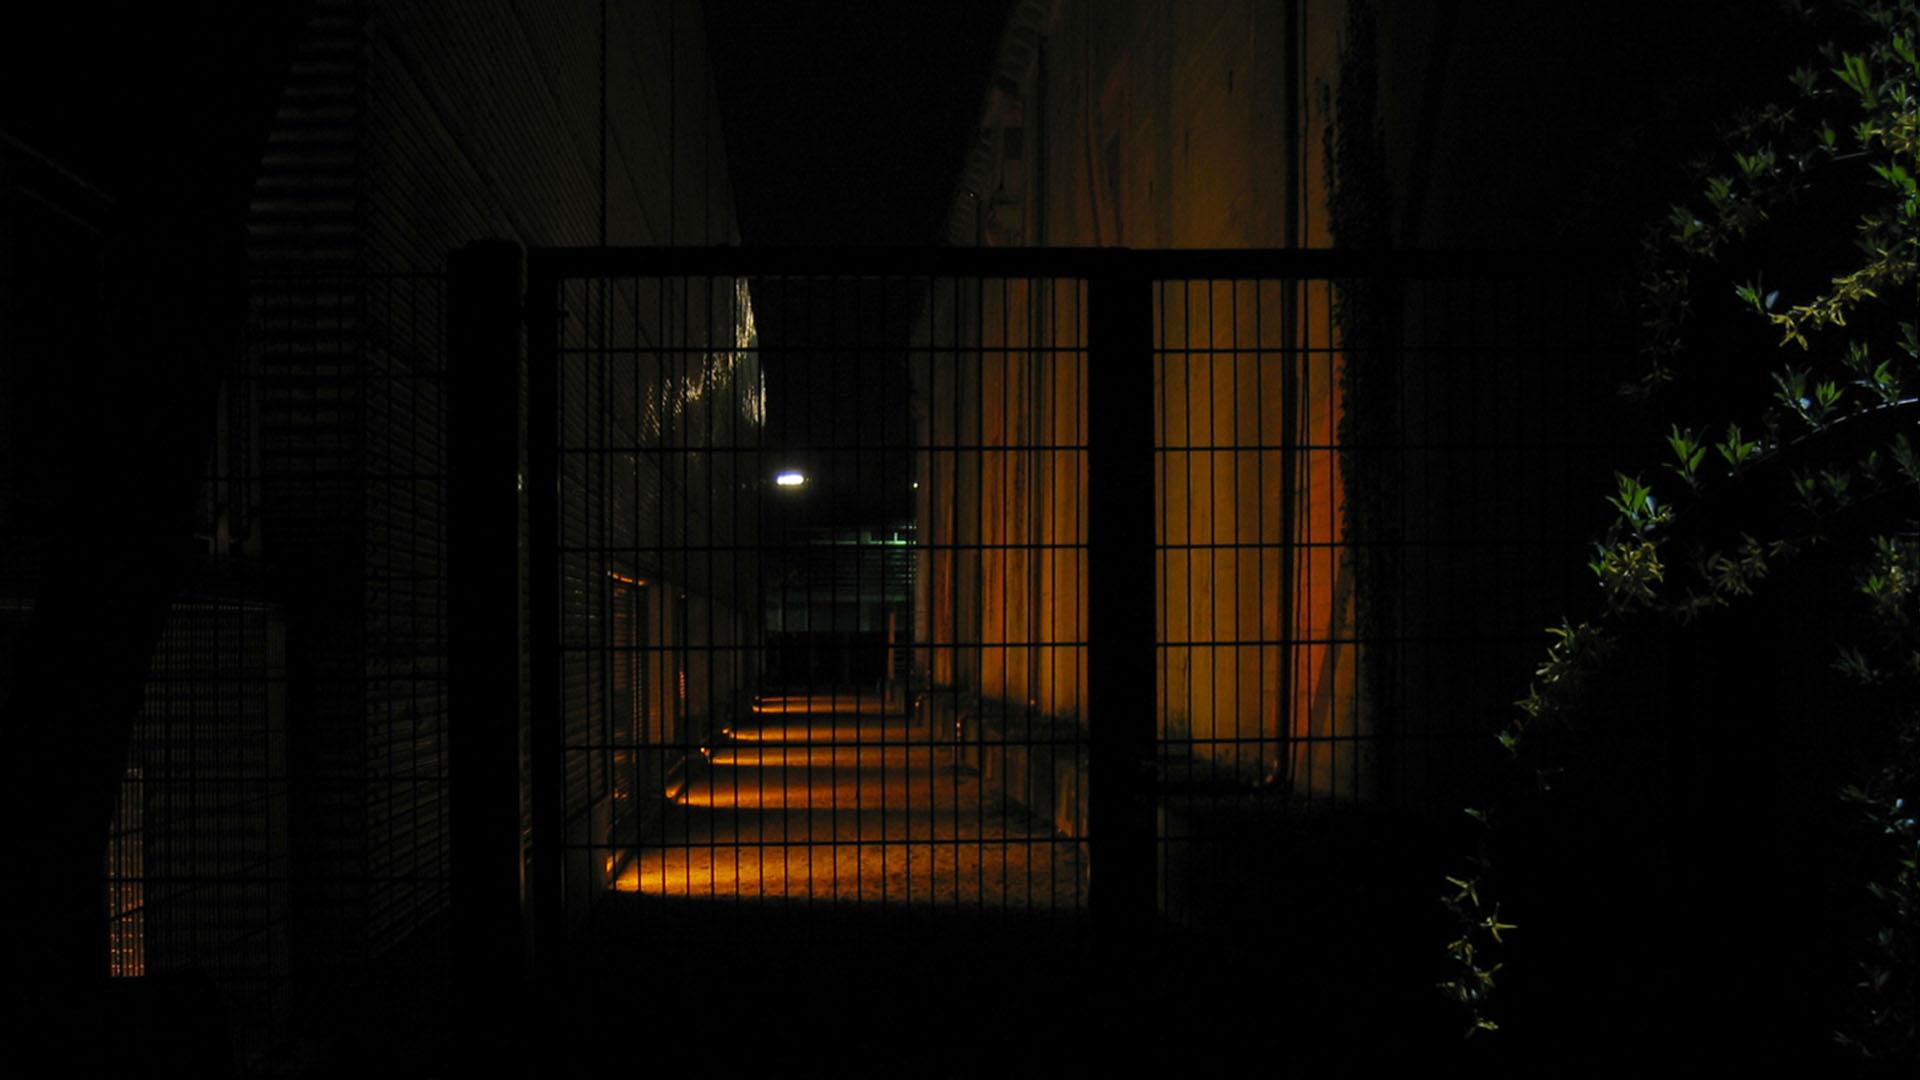 MAASS-Lichtplanung_Lichtevent Lichtrouten__MAASS-Lichtrouten-004